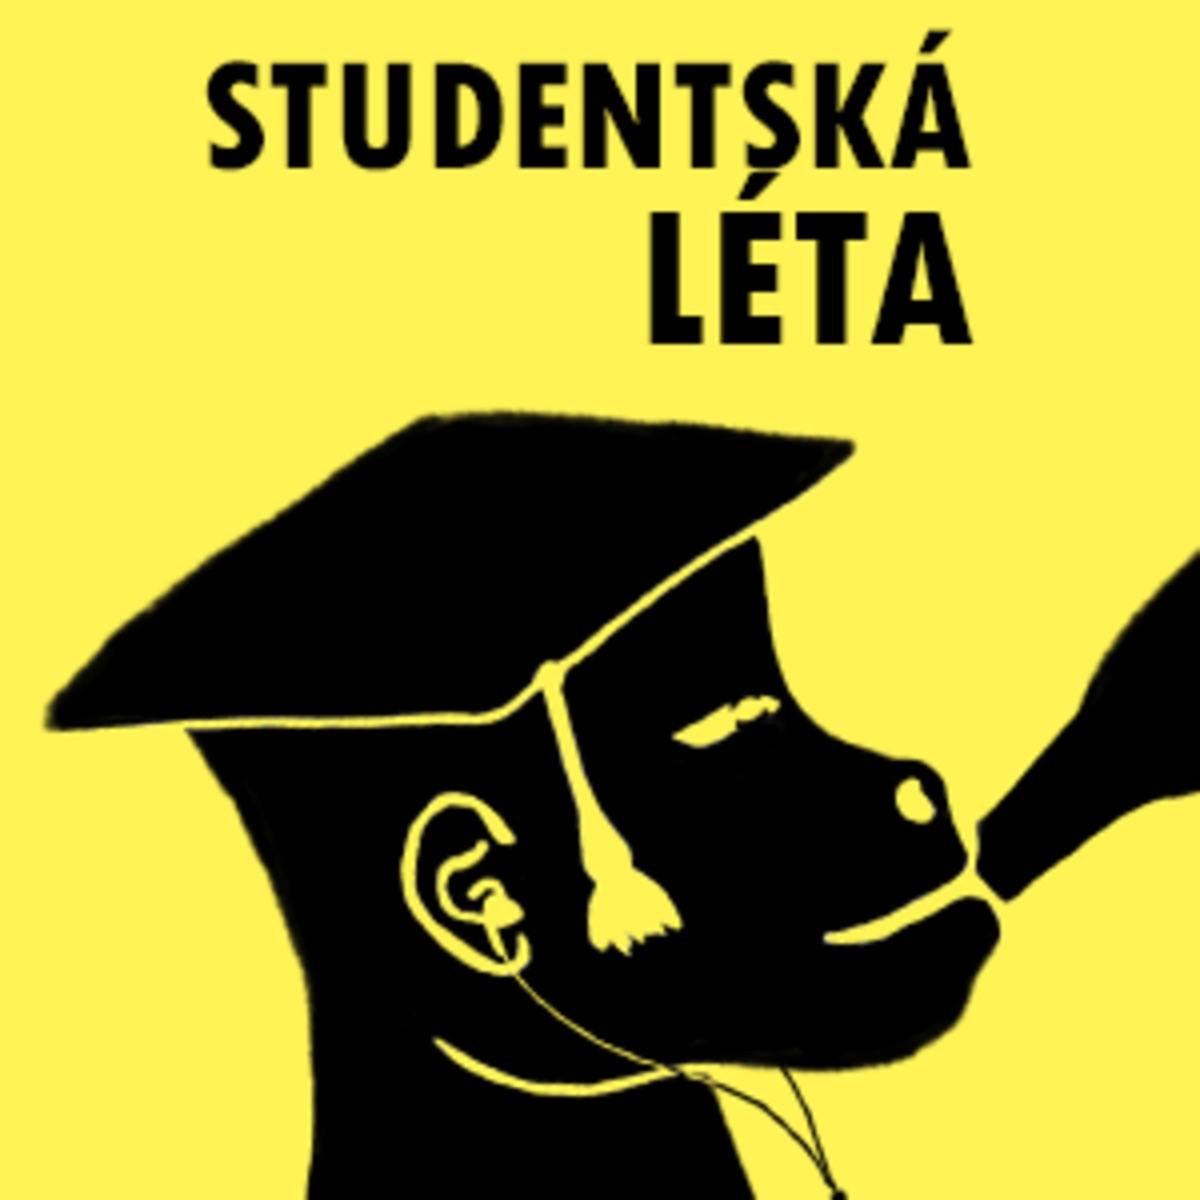 Studentská léta